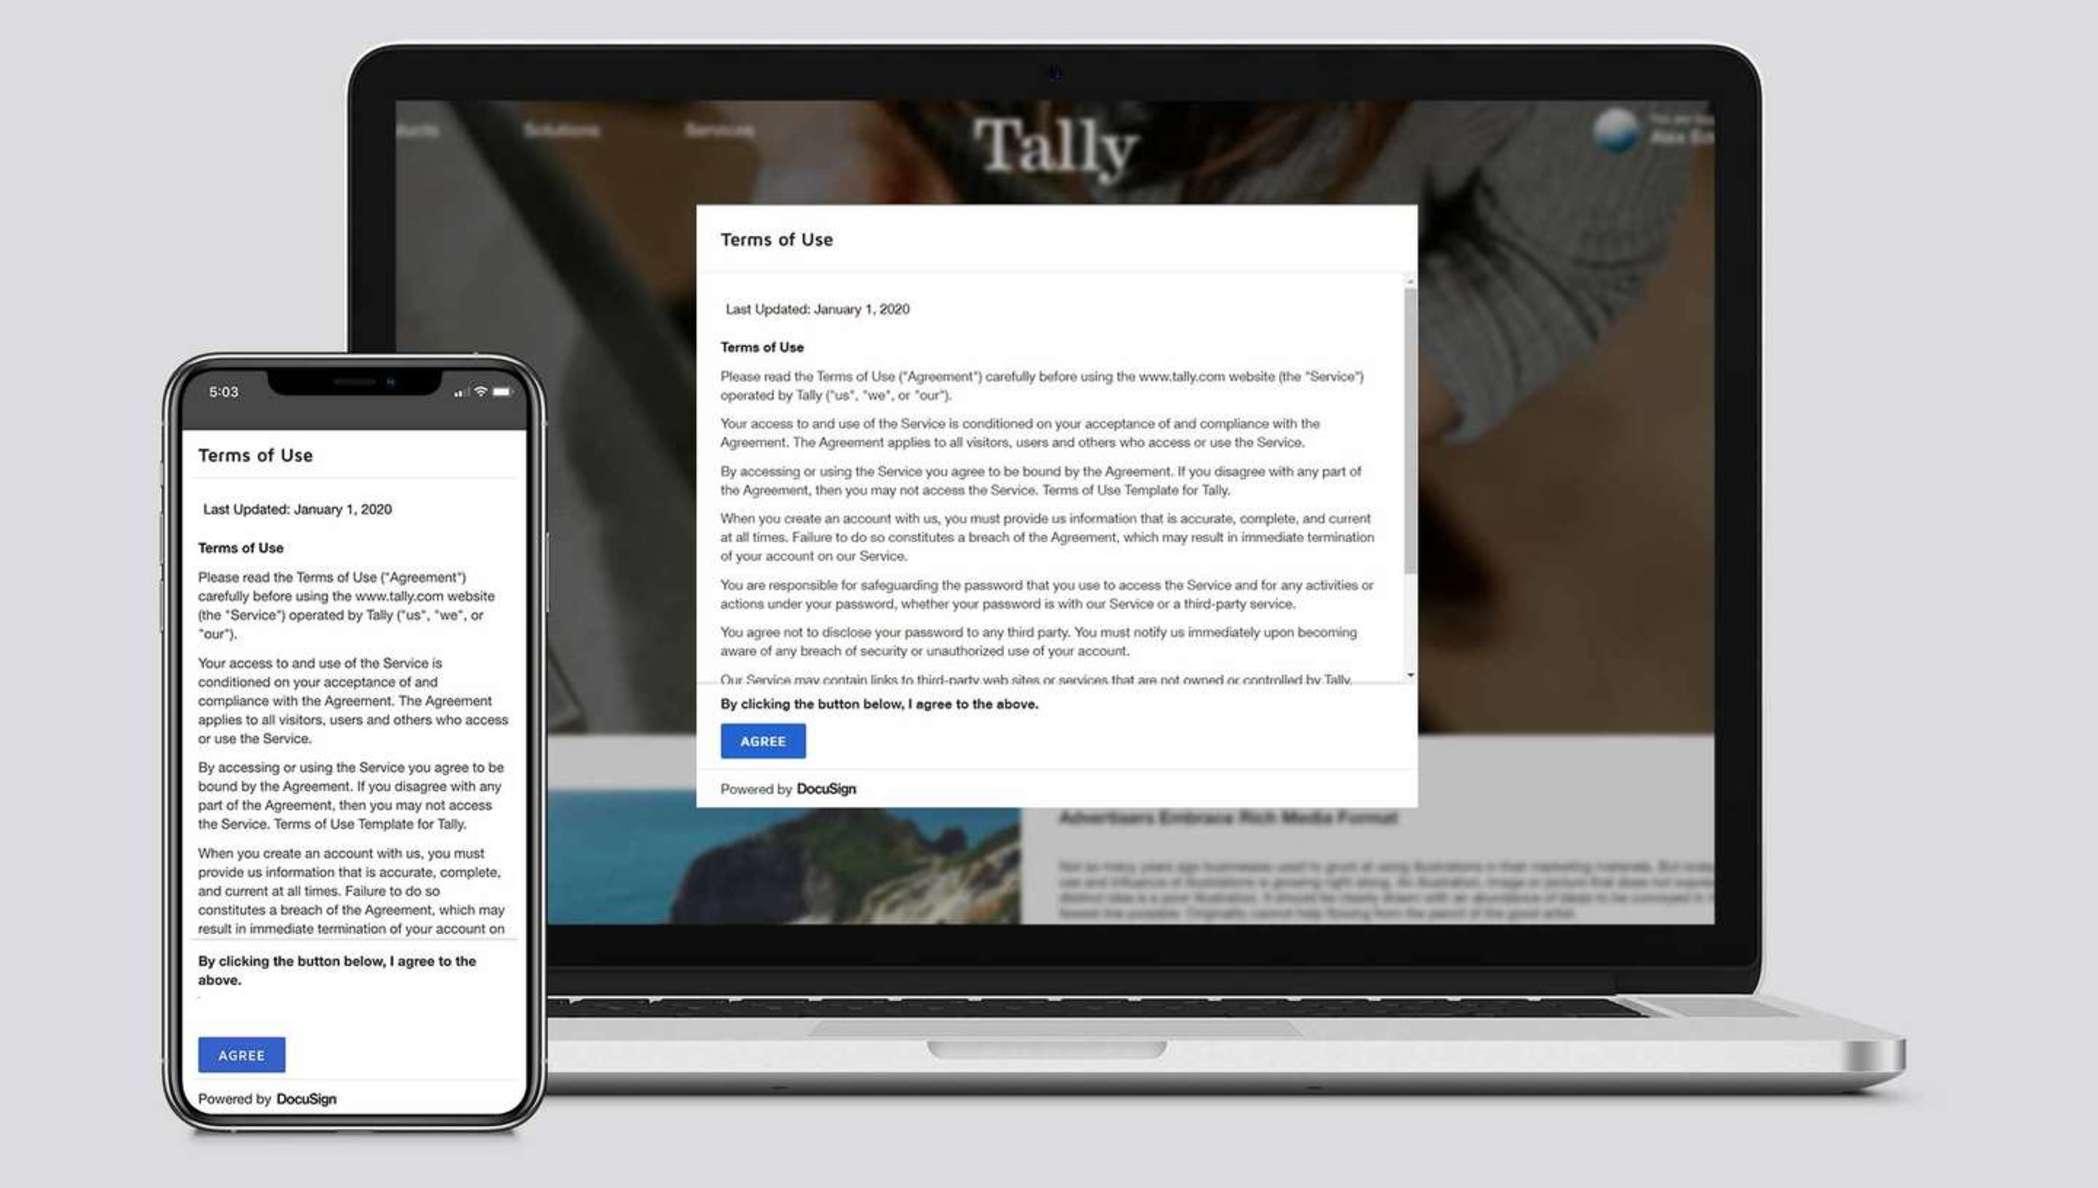 Ein Nutzungbedingungsvertrag in einer Lightbox in einem Webbrowser.